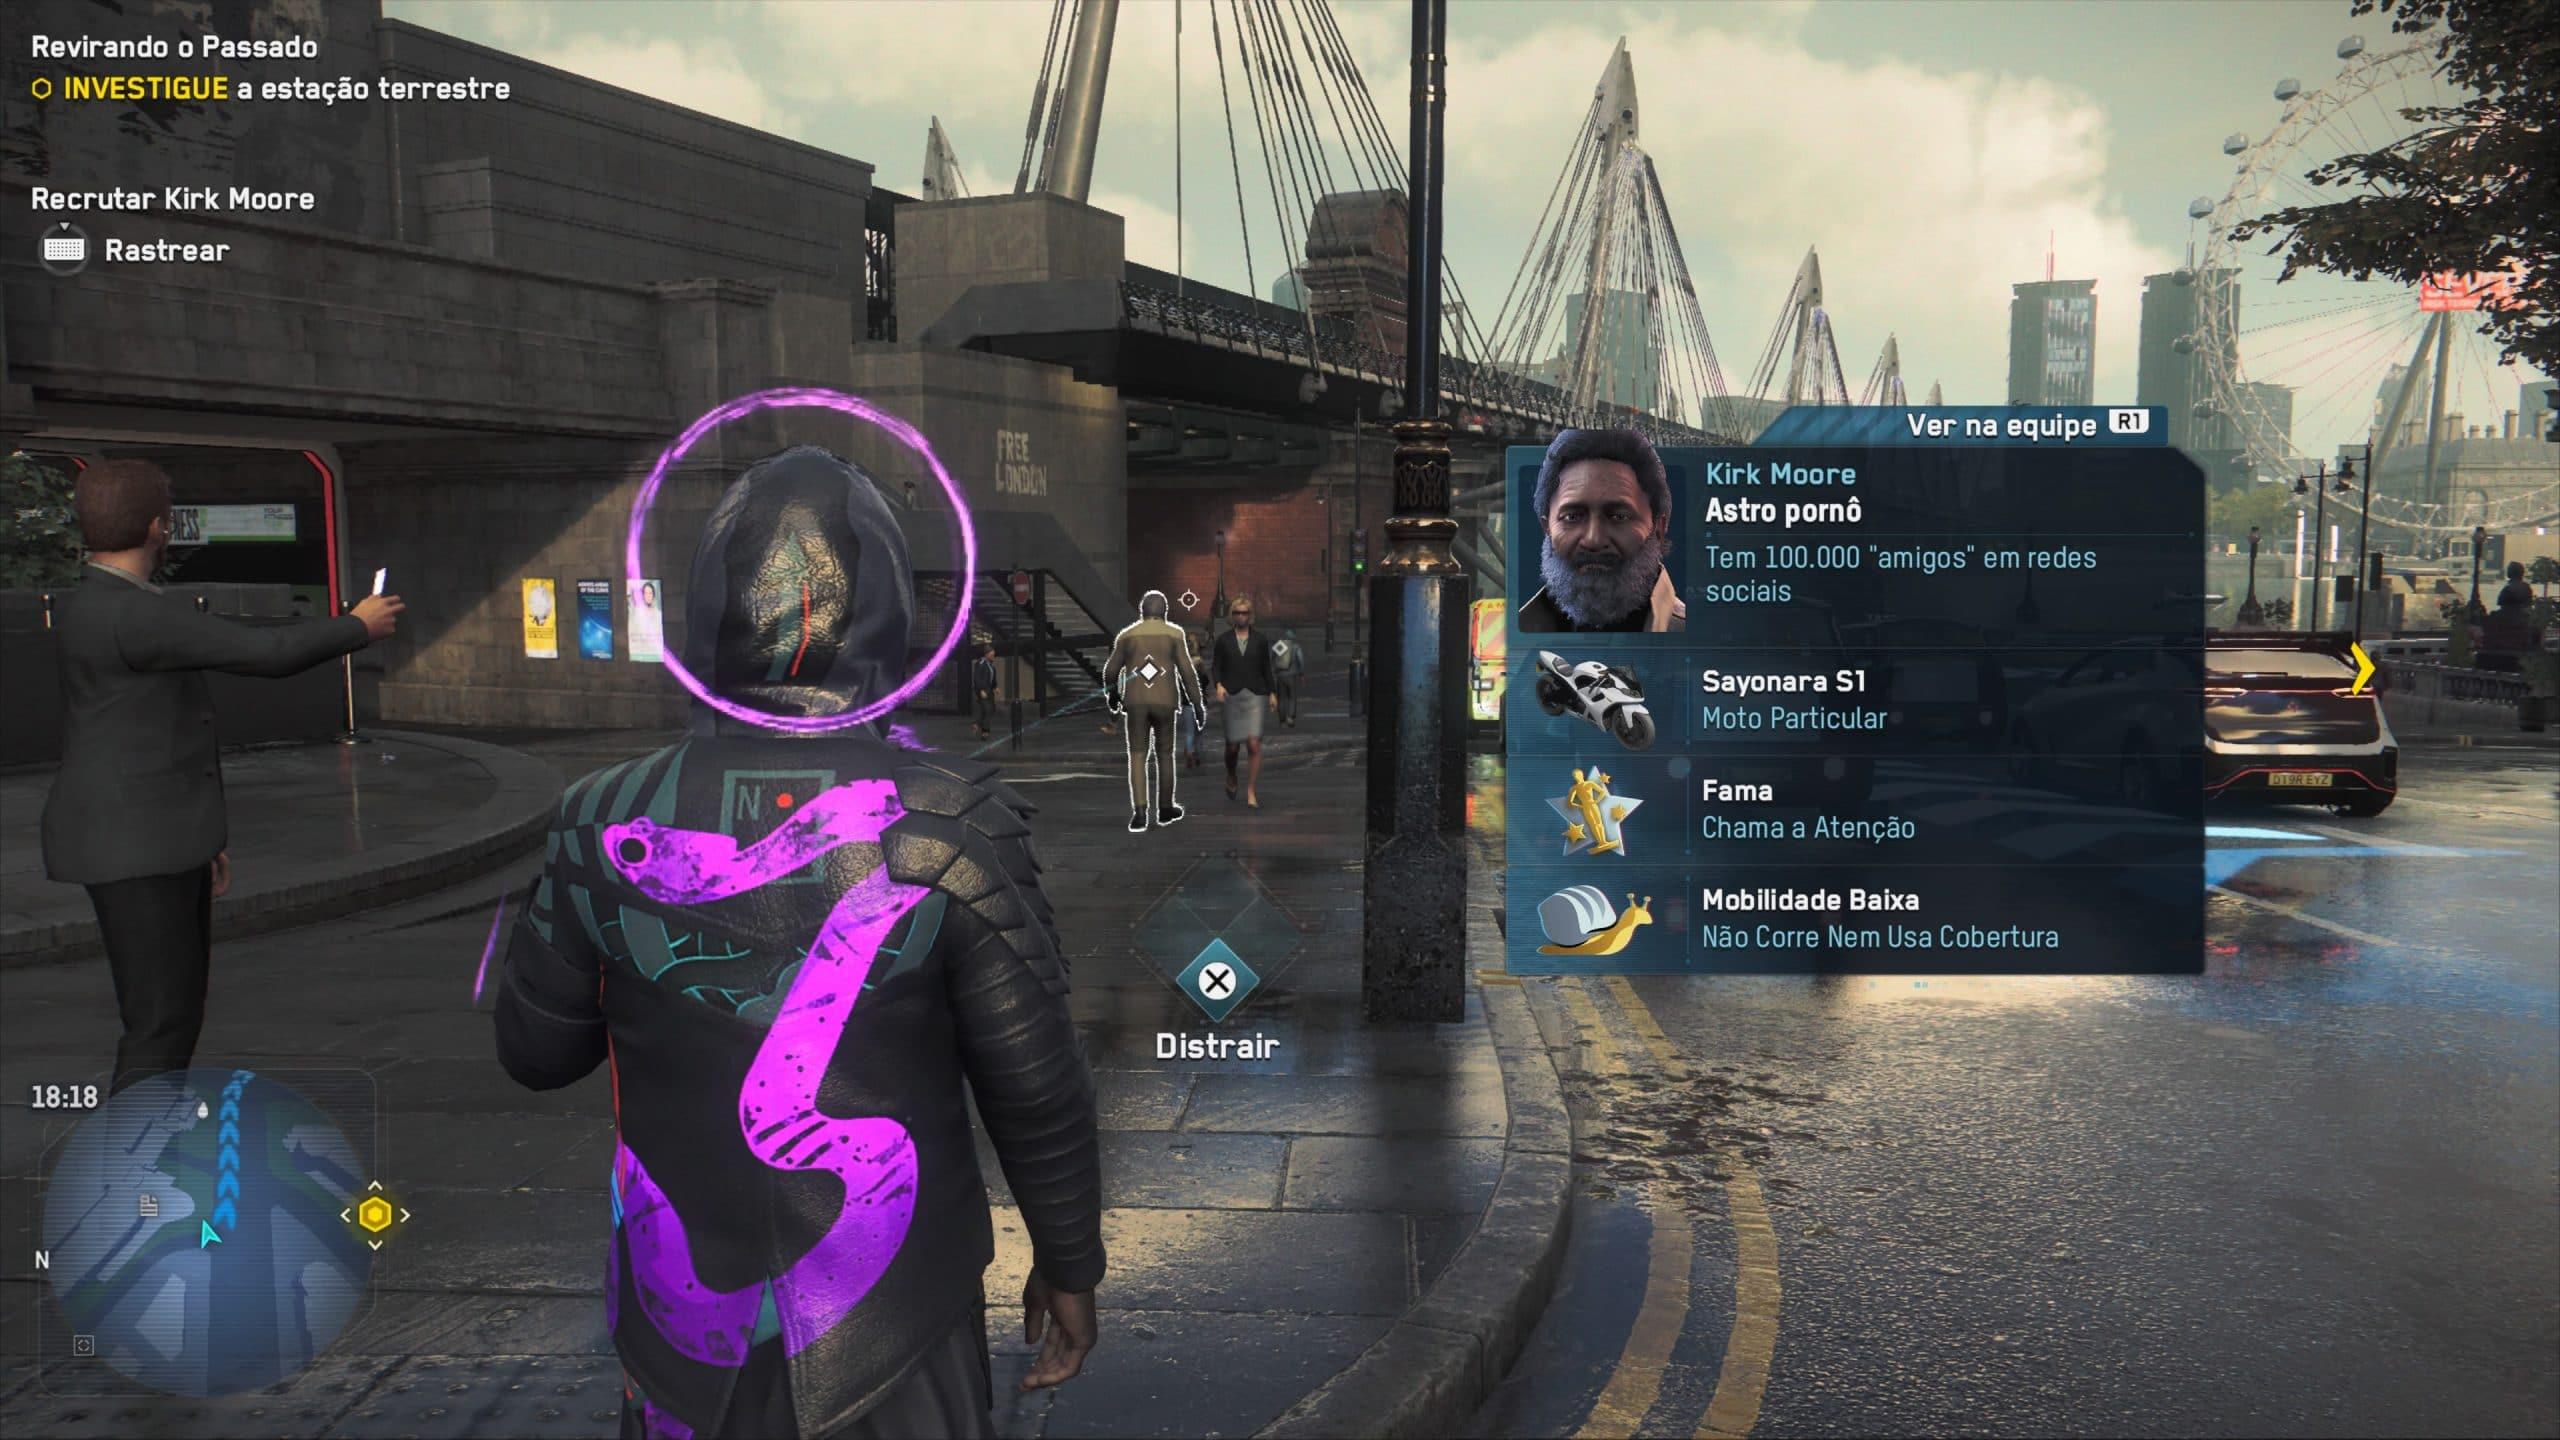 Identificar pessoas ainda é bem divertido, e agora você pode recrutá-las em Watch Dogs Legion